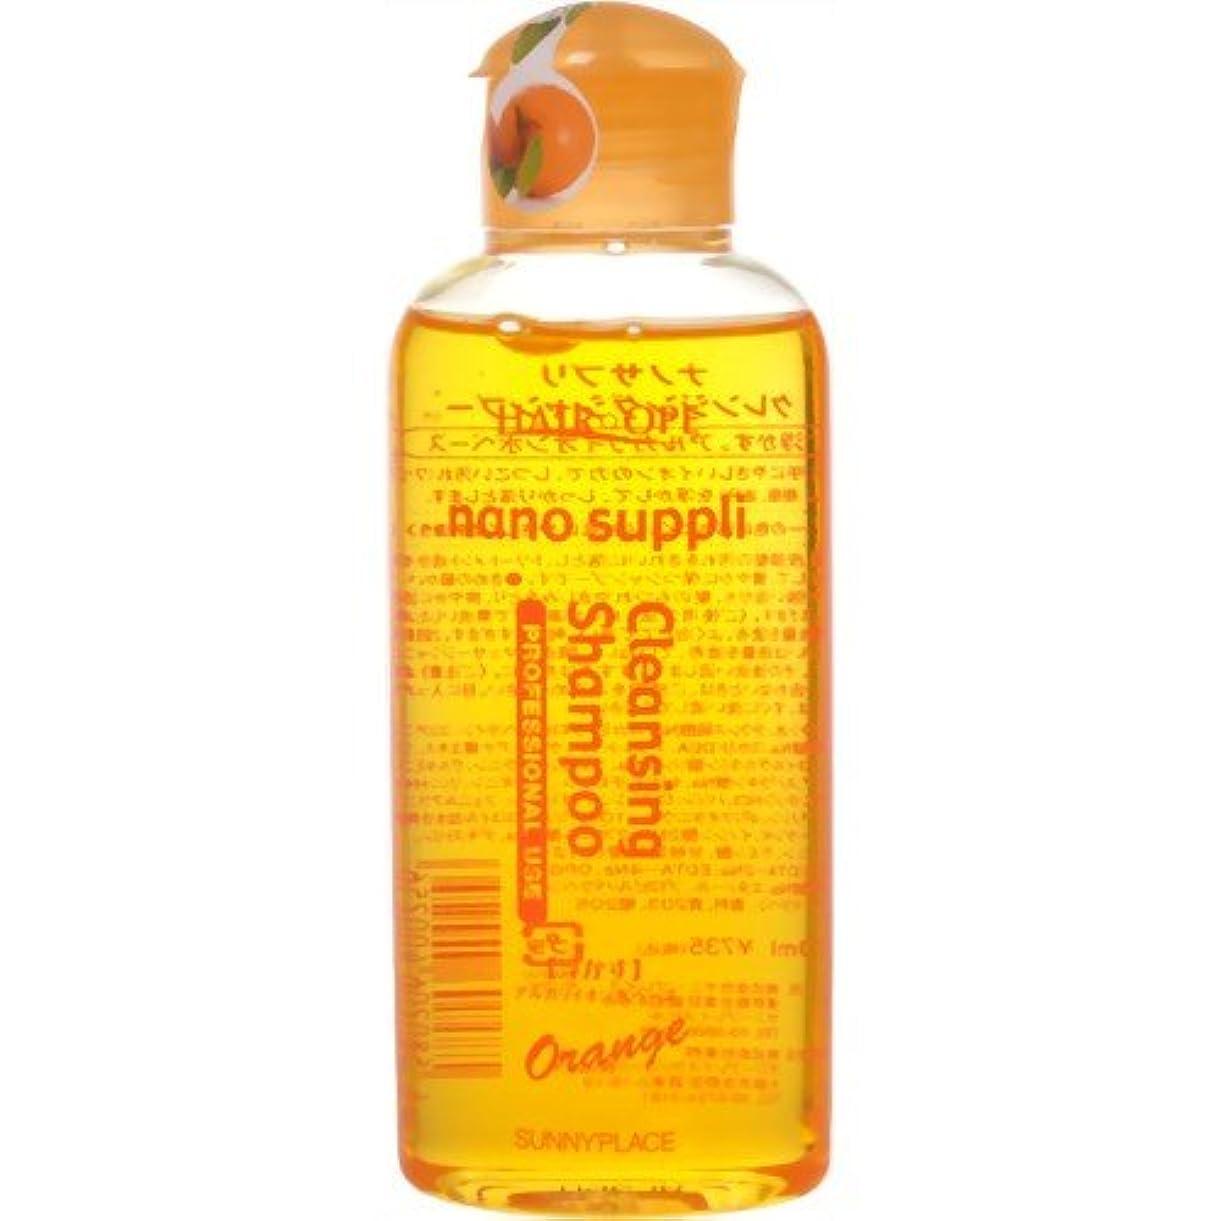 順番非アクティブ発症ヘアオペ ナノサプリ クレンジングシャンプー オレンジ 120ml